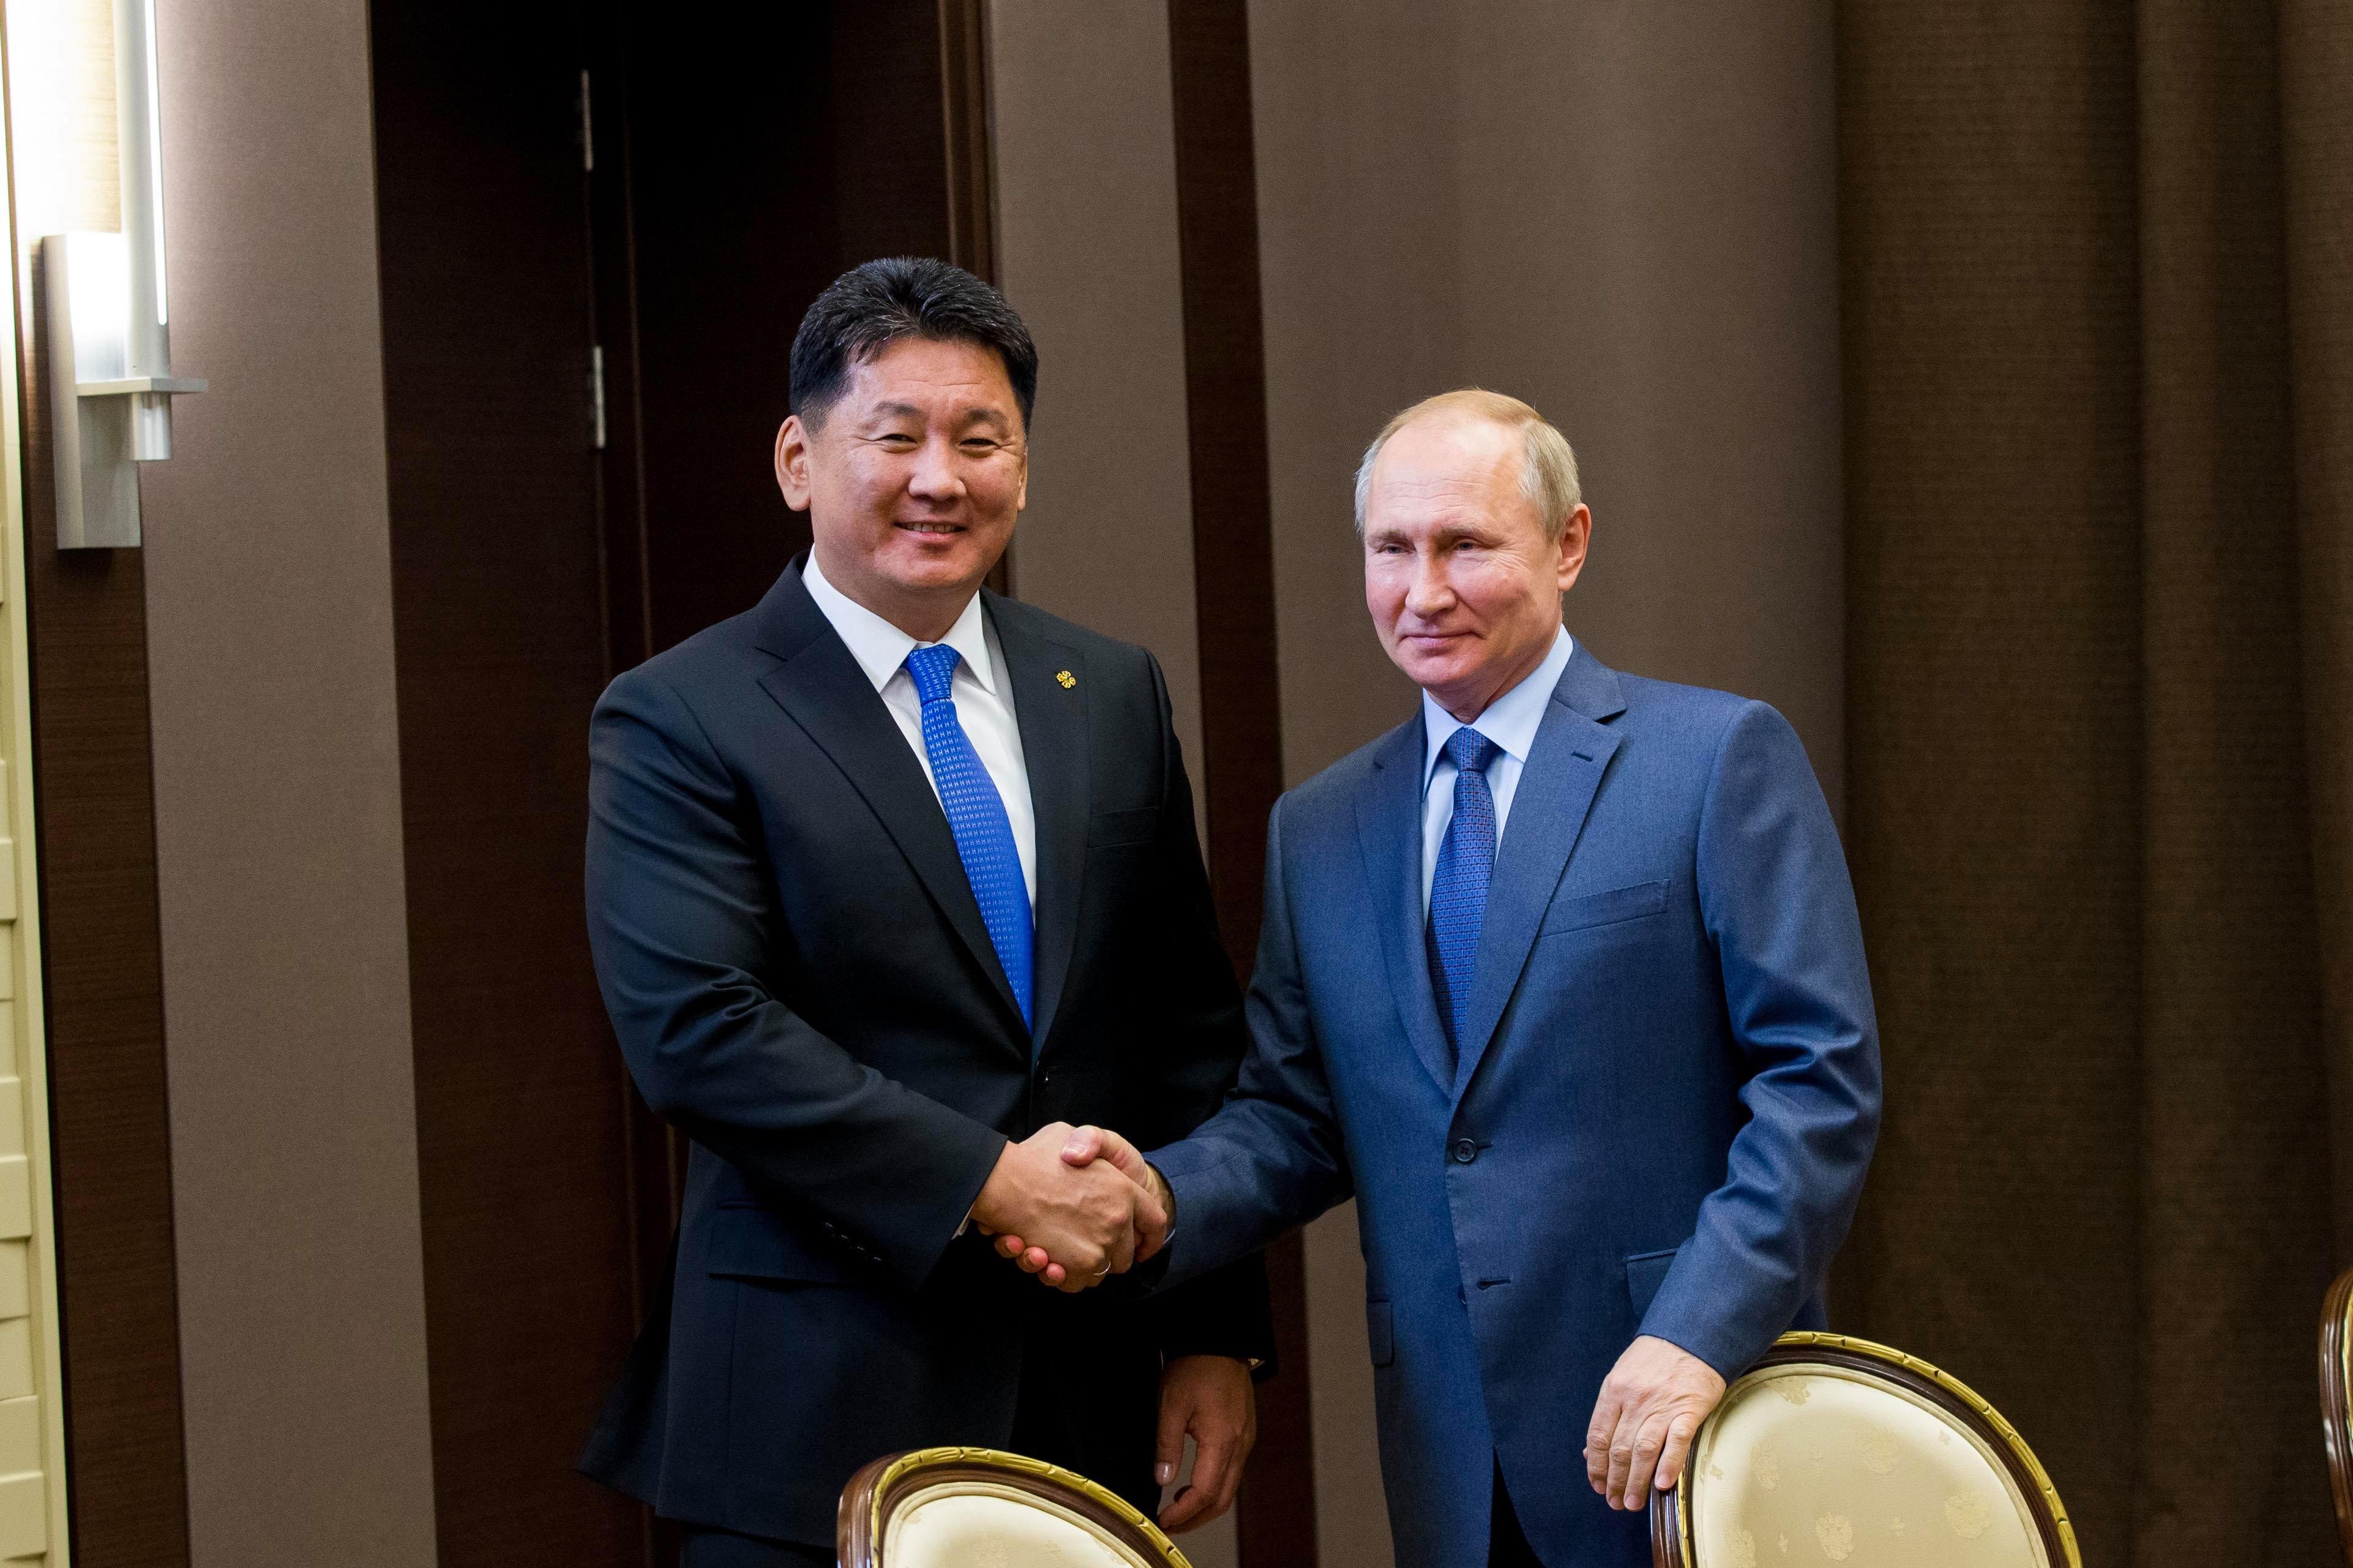 Хий дамжуулах хоолойг Монголоор дайруулахаар тохиролцсон байна